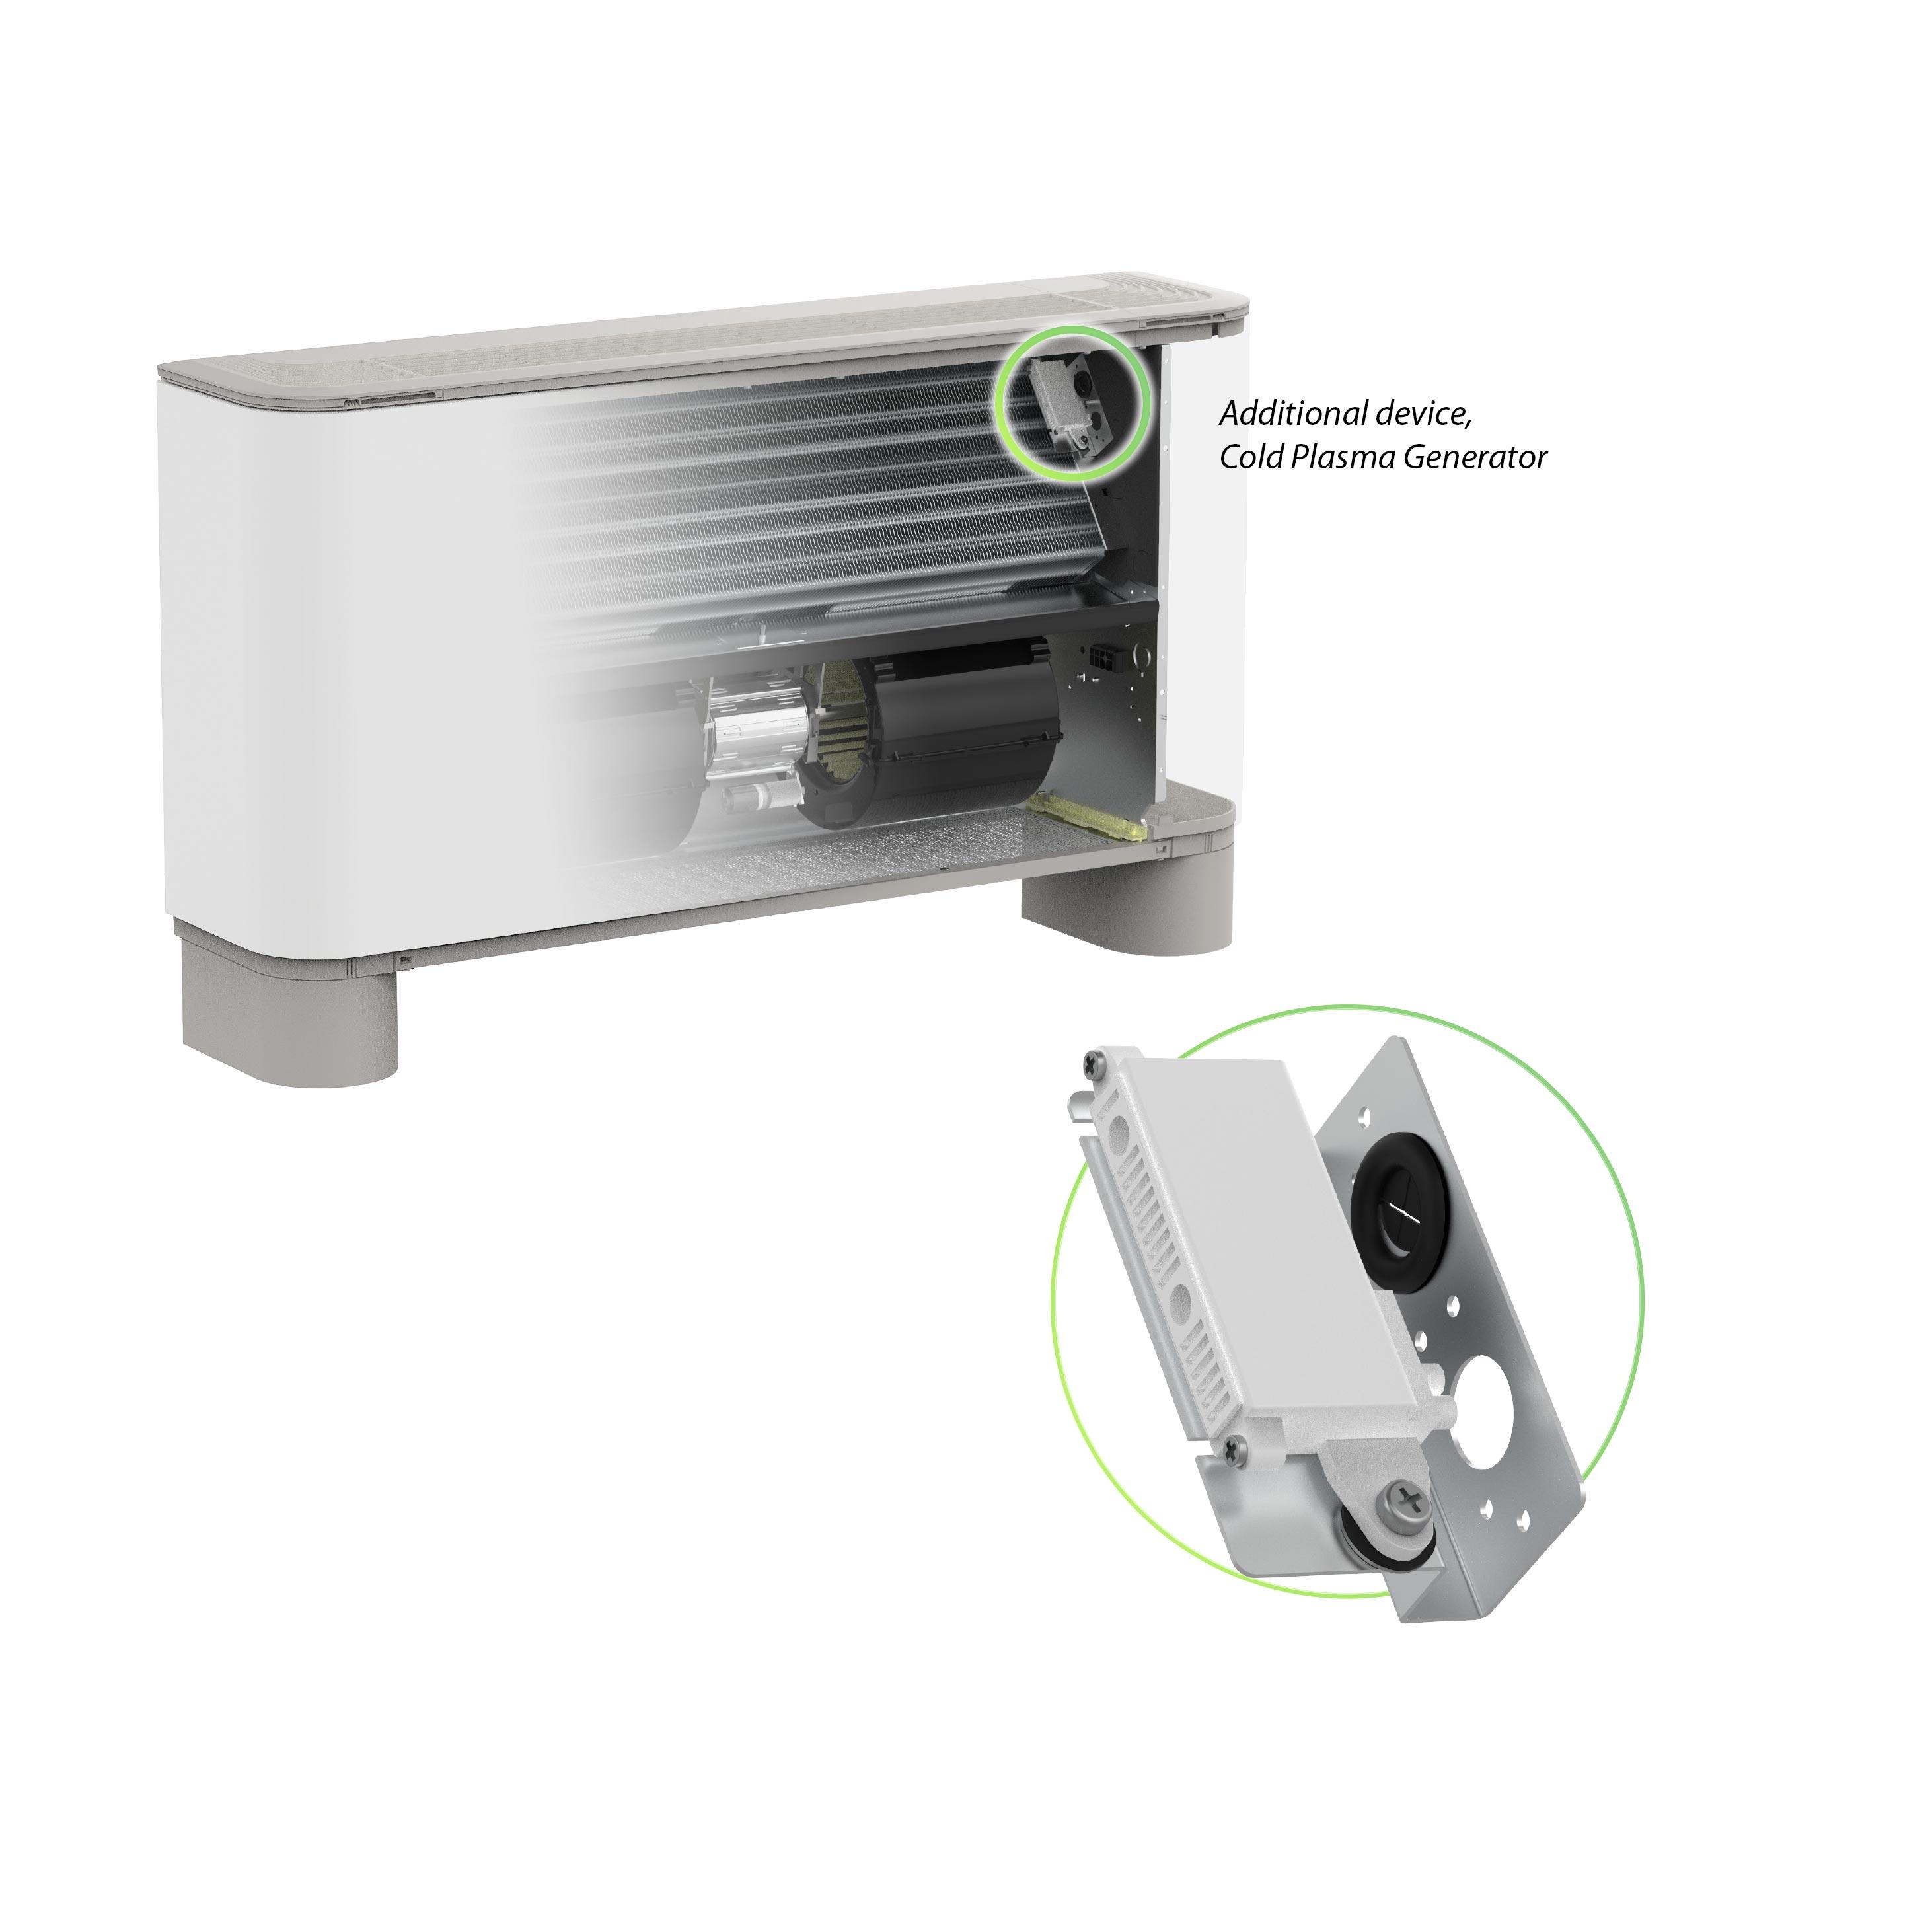 Aermec - Cold Plasma Generator